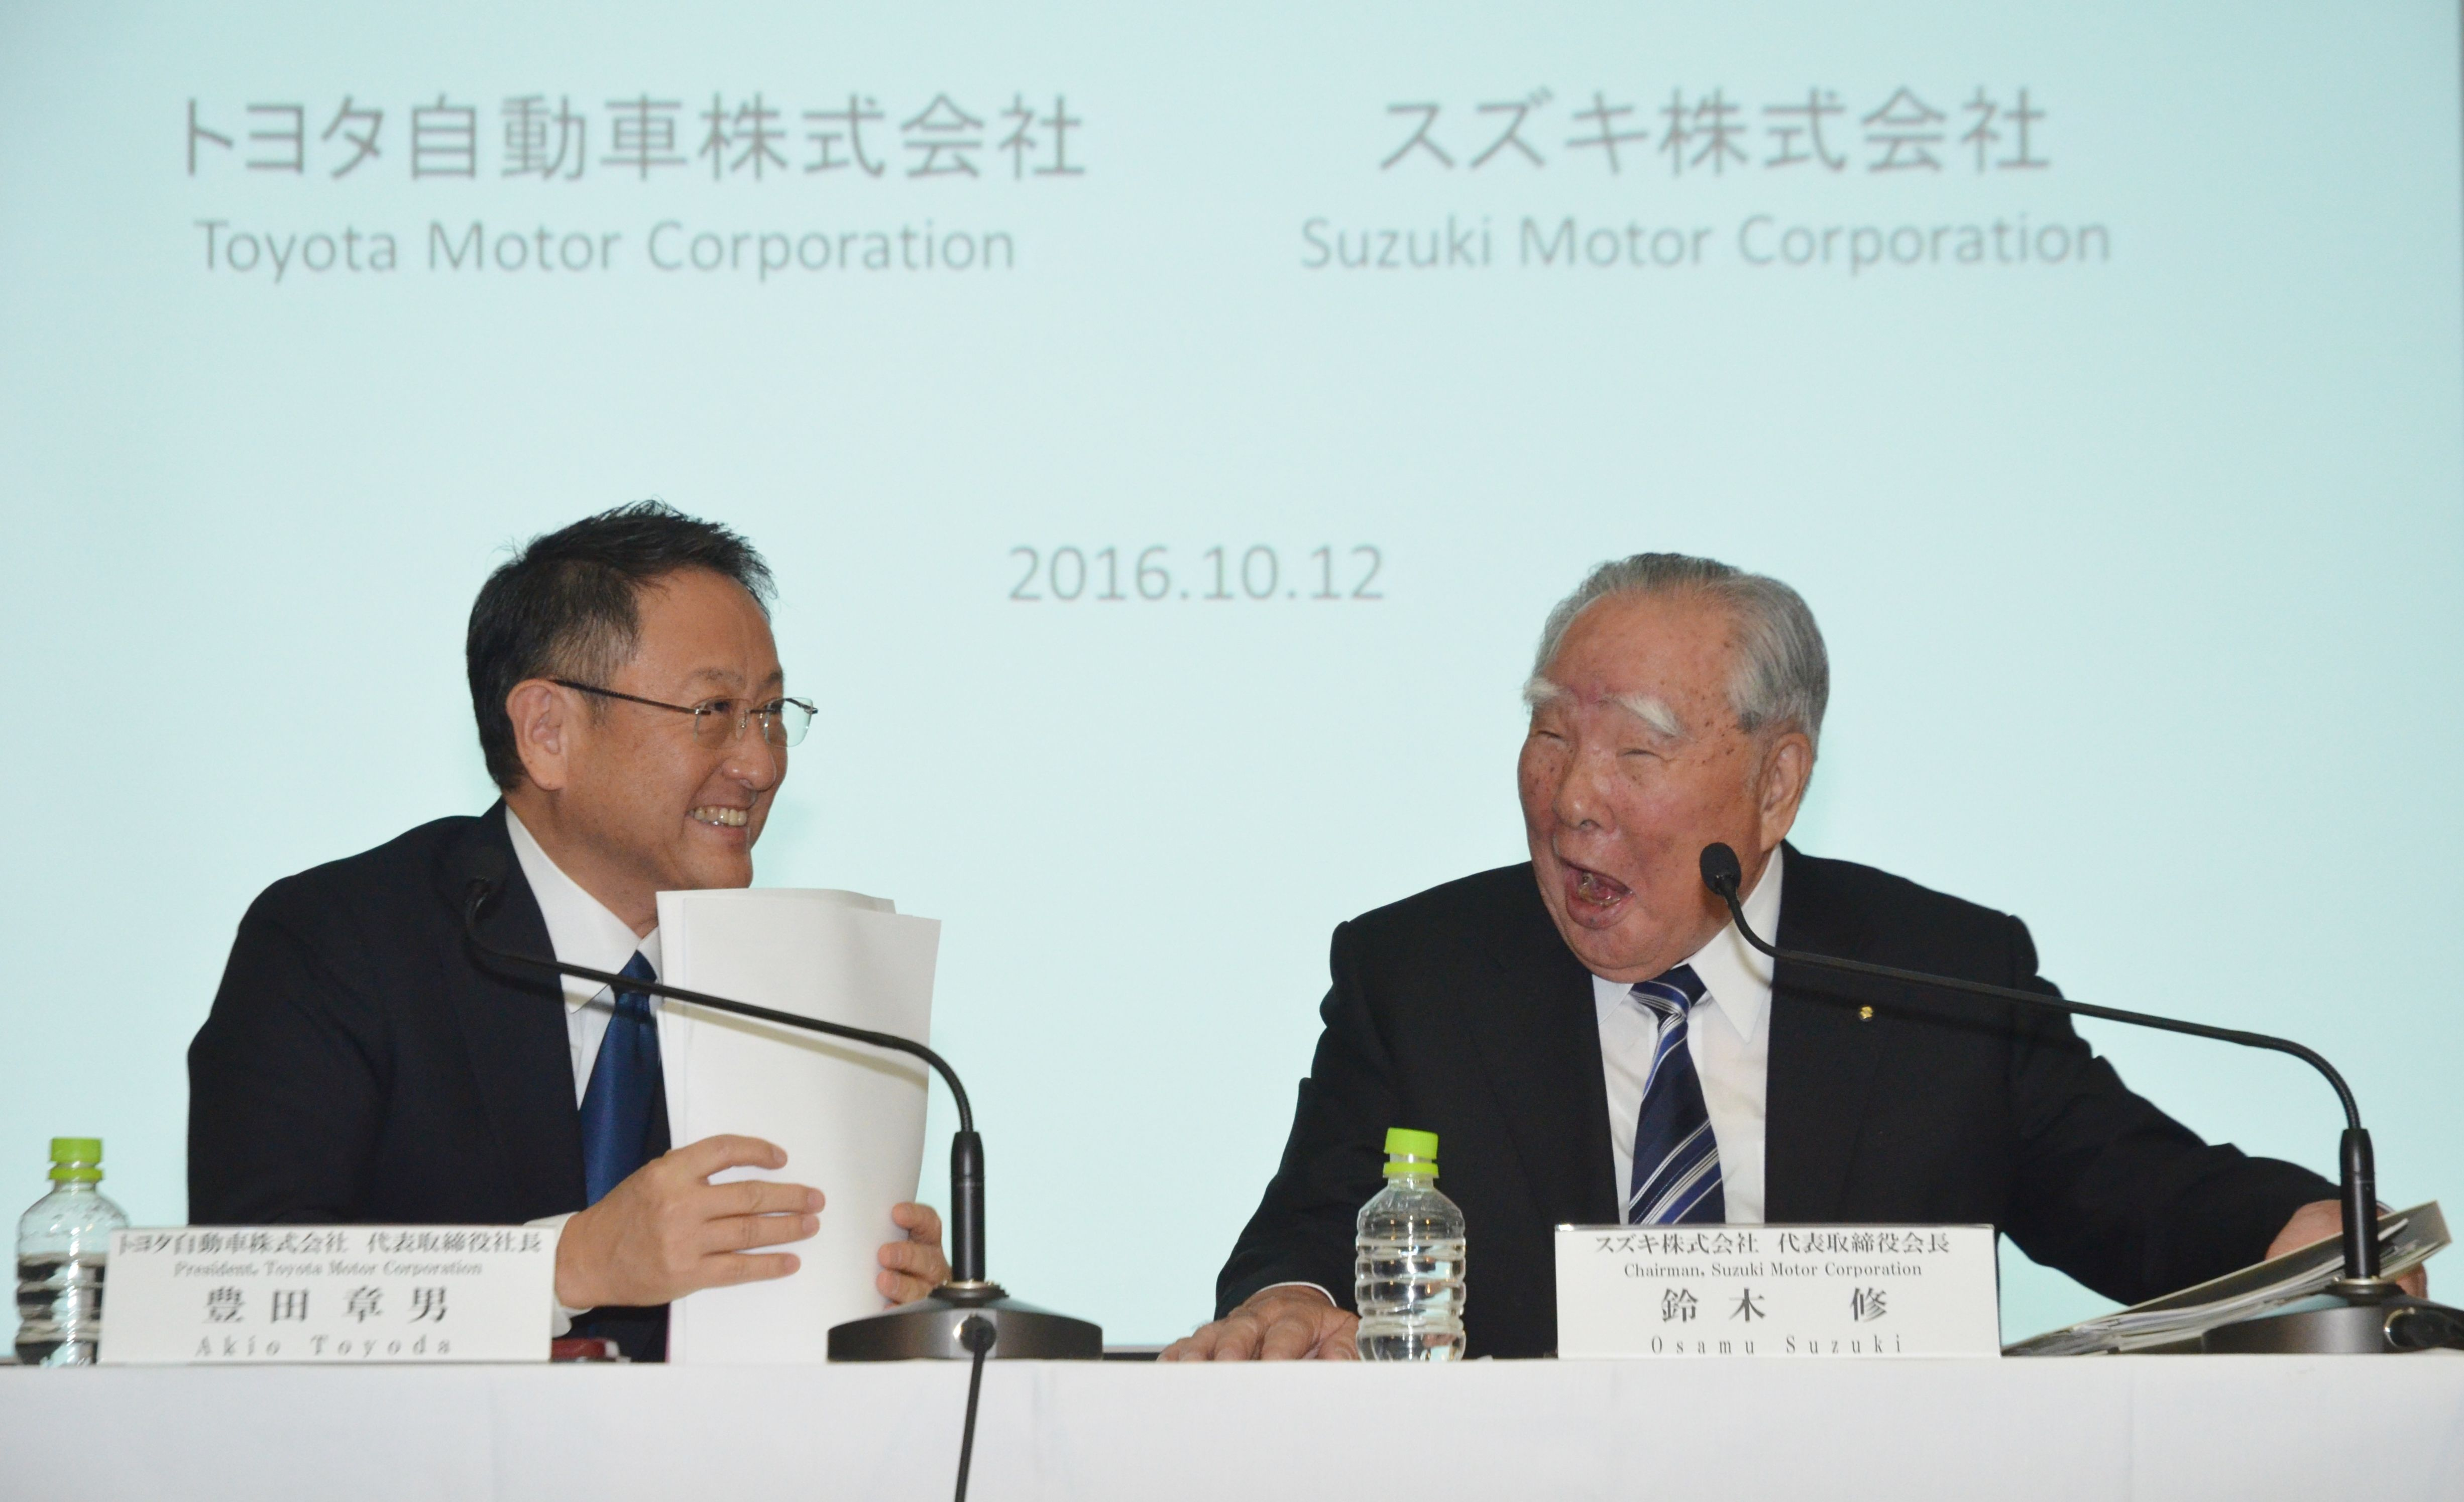 トヨタ スズキへの出資手続きが完了 当局が承認